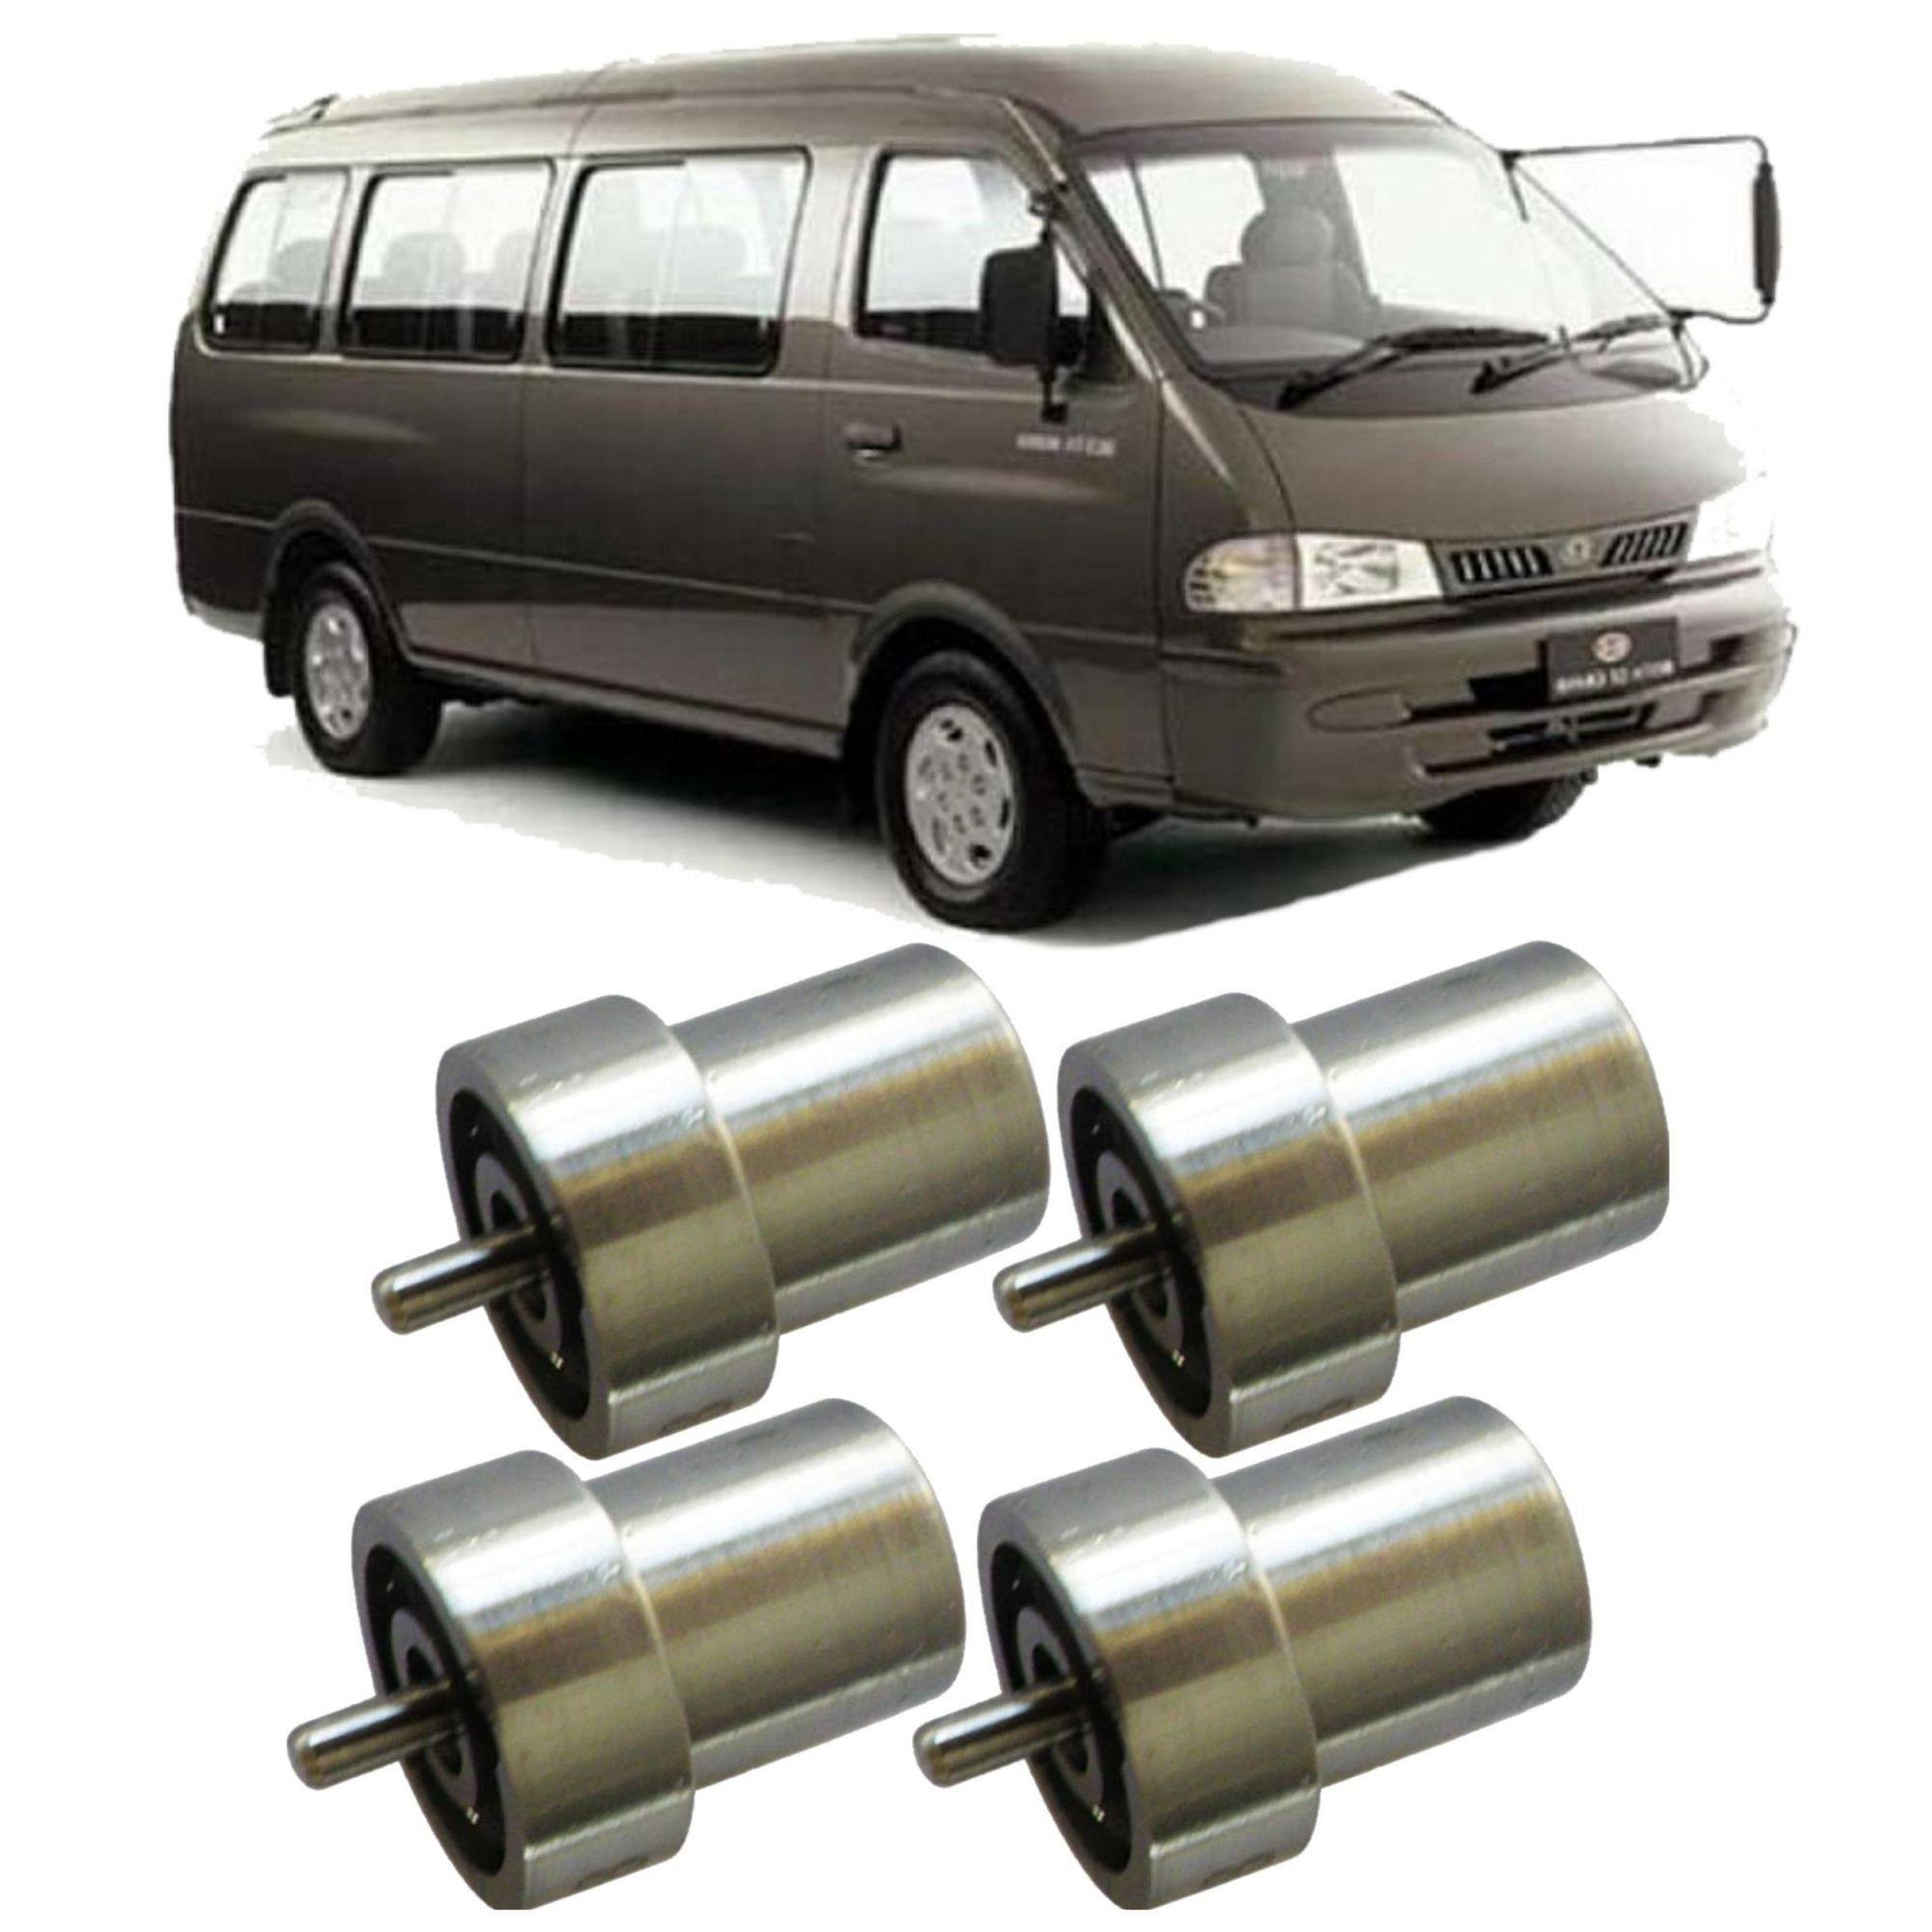 Kit 4 Bico Injetor Diesel Besta 2.7 e 3.0 H100 e K2700 - DN0PDN121